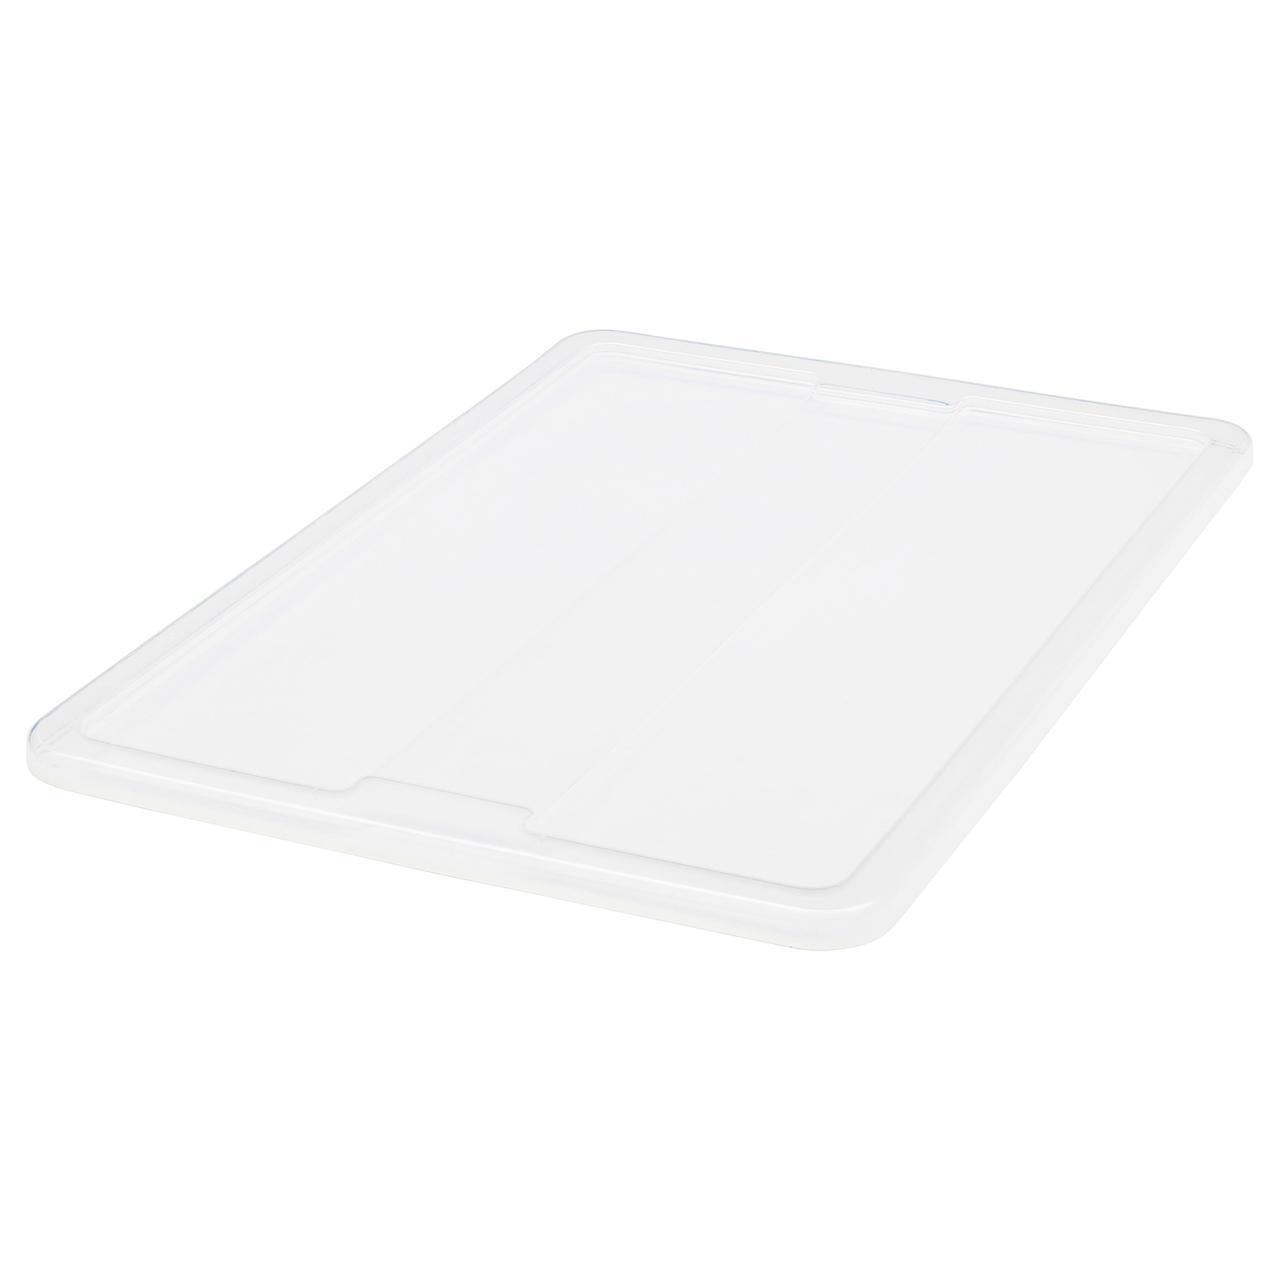 IKEA SAMLA (901.103.01) Крышка коробки 55/130 л, прозрачная